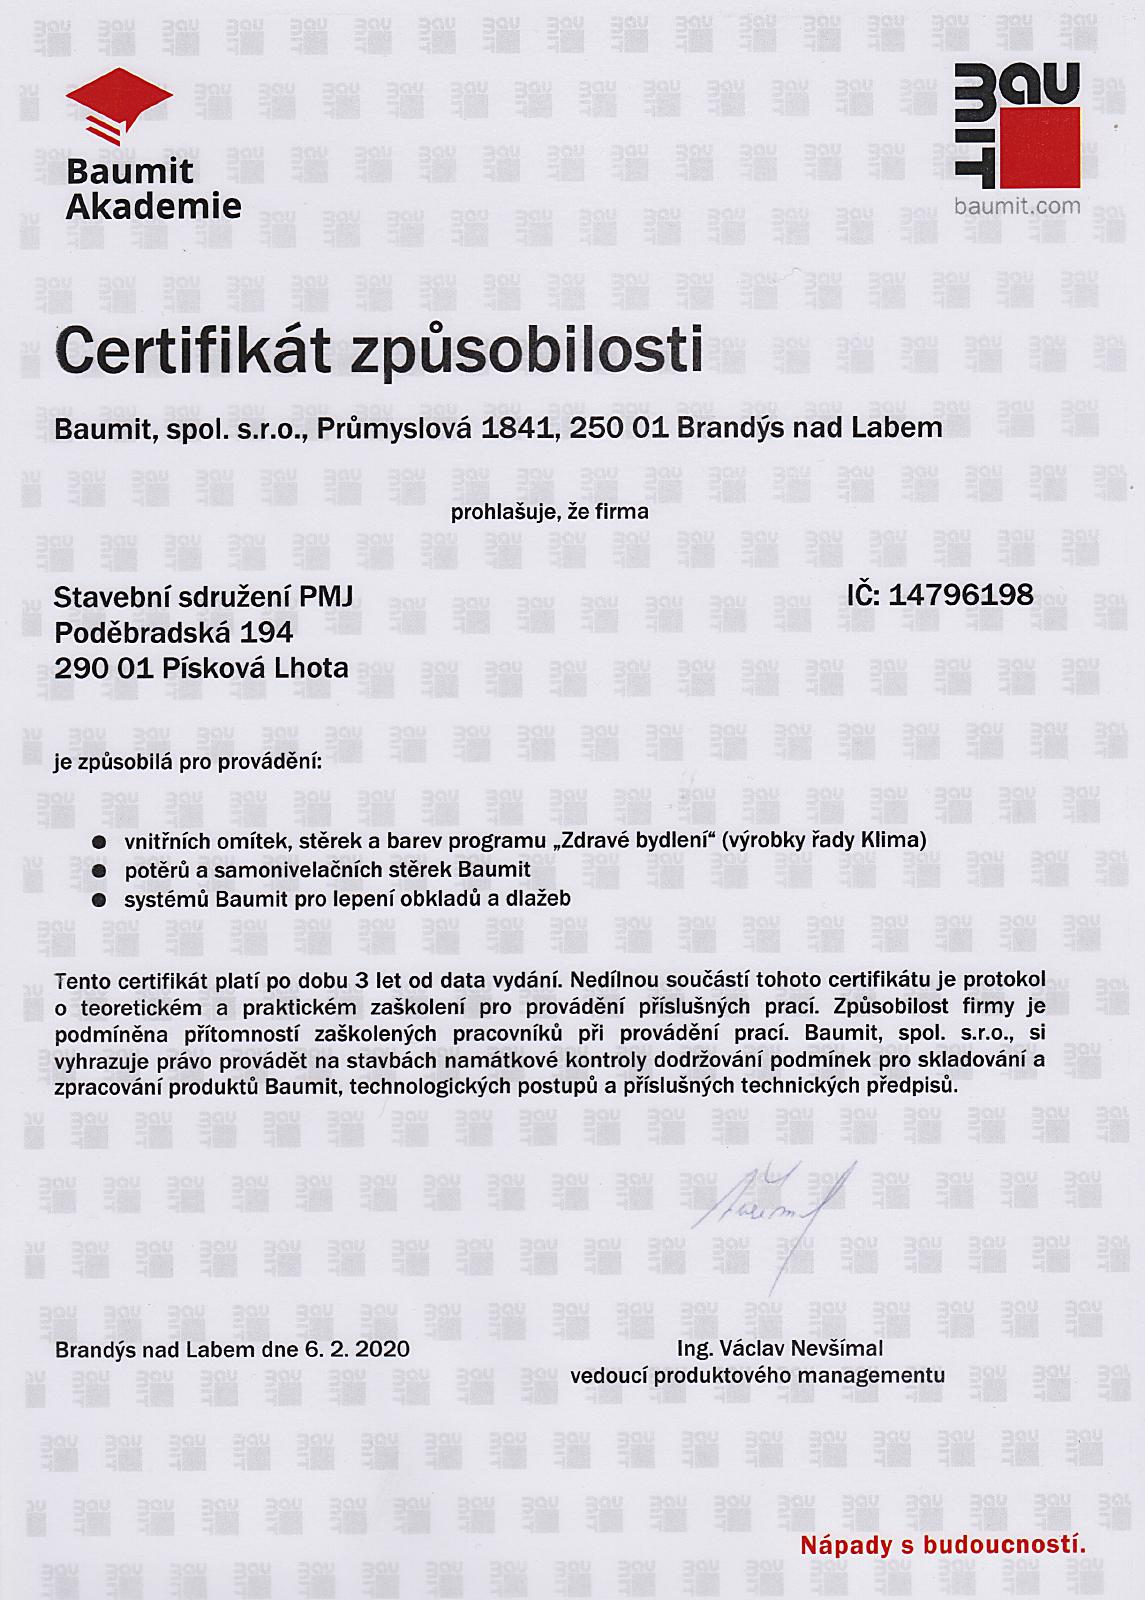 """Certifikát způsobilosti Baumit - PMJ stavební sdružení - vnitřní omítky, stěrky a barvy programu """"Zdravé bydlení""""; potěrů a samonivelačních stěrek baumit; systémů Baumit pro lepení obkladů a dlažeb"""